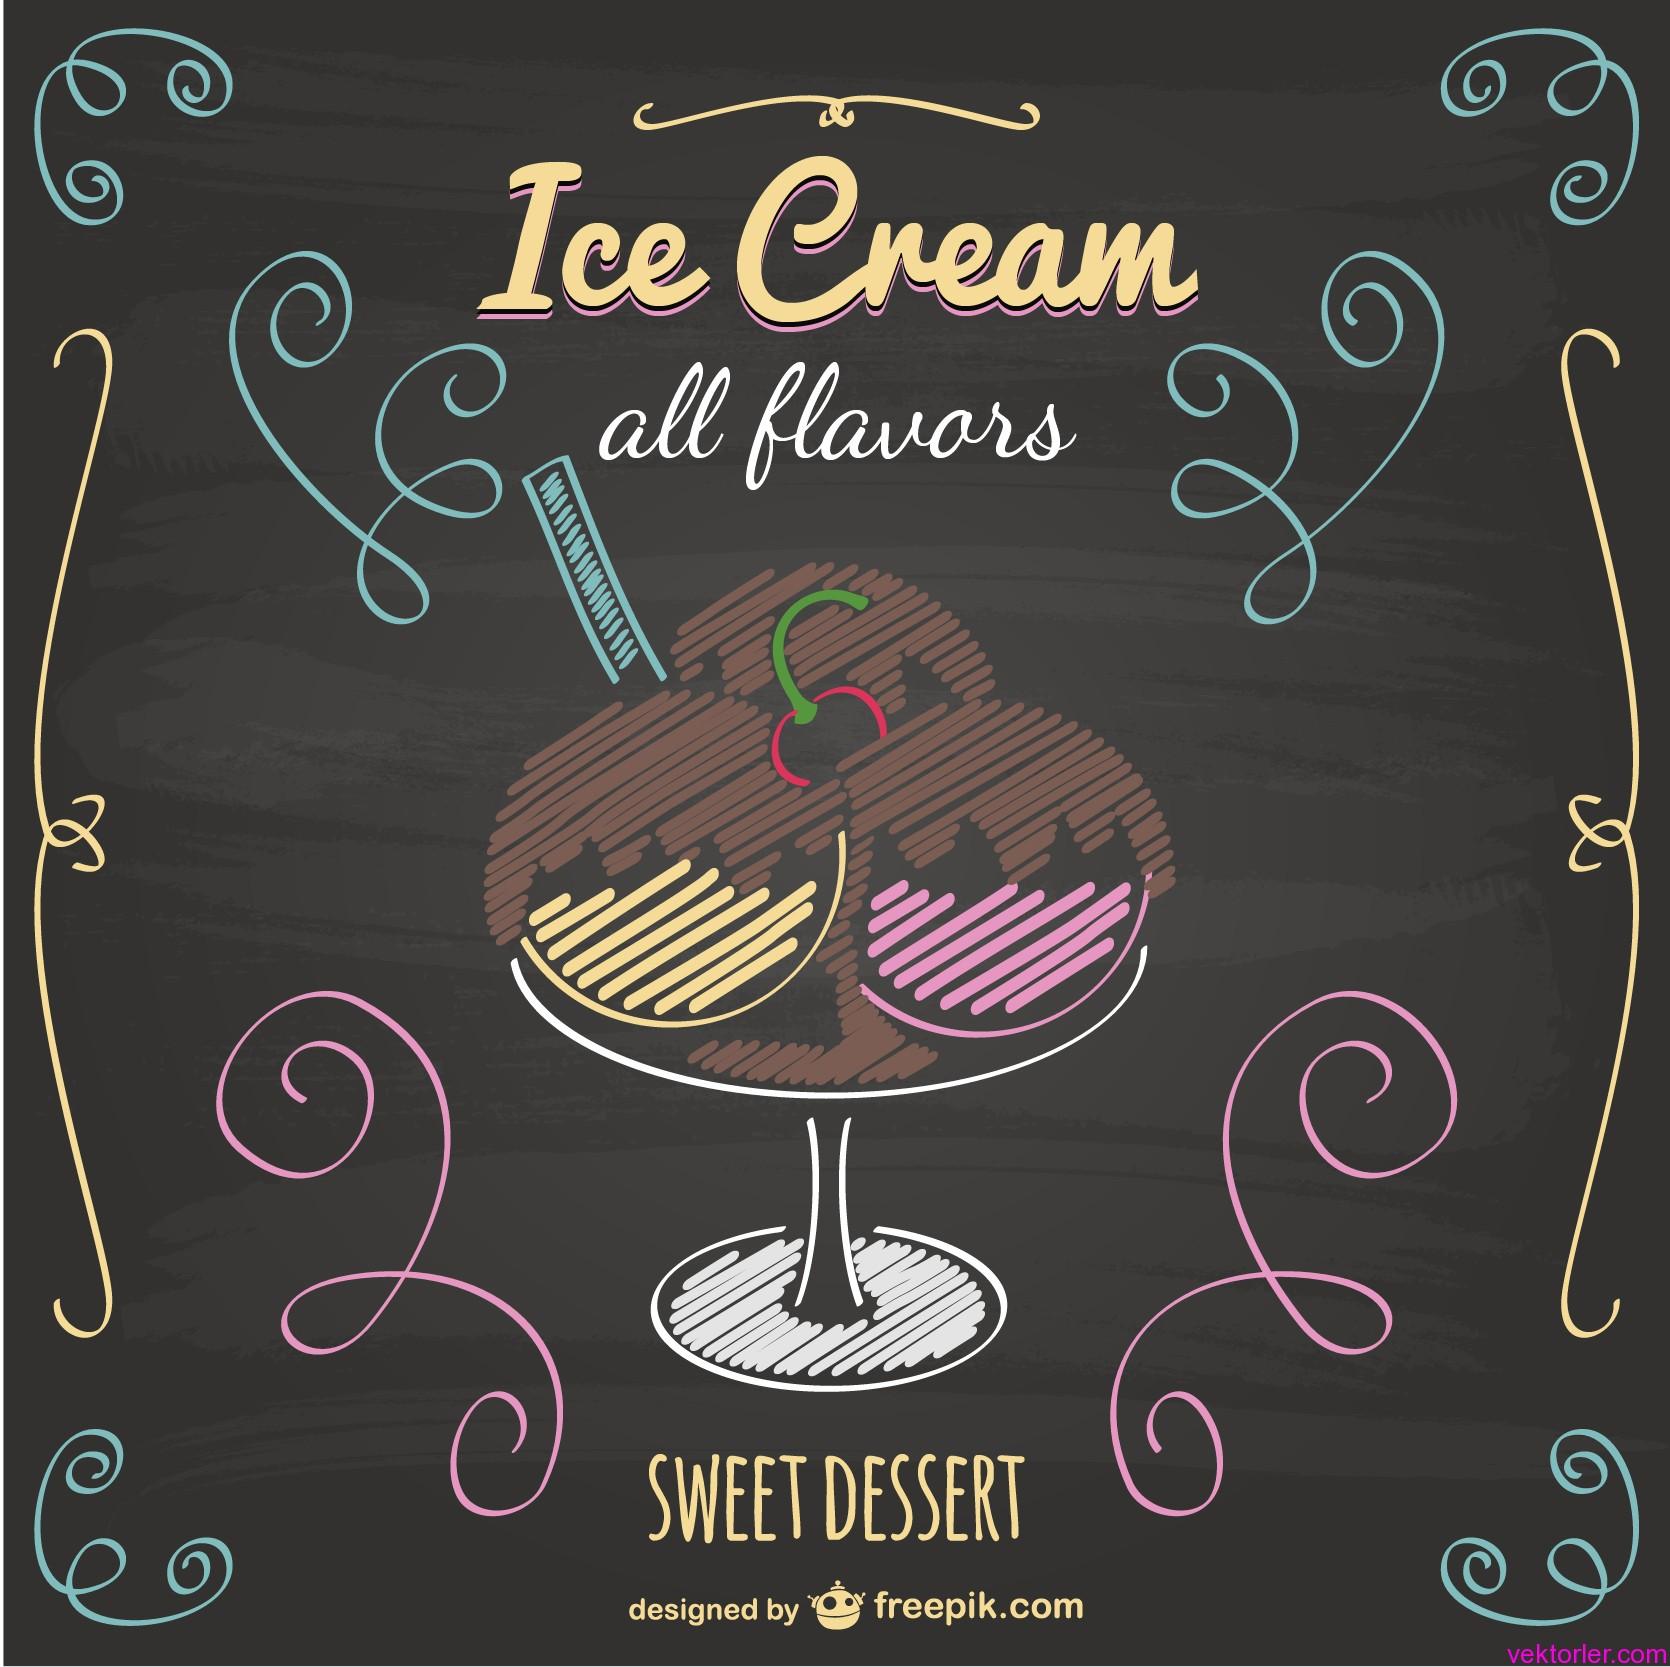 Vektörel Kara Tahtaya Çizilmiş Dondurma